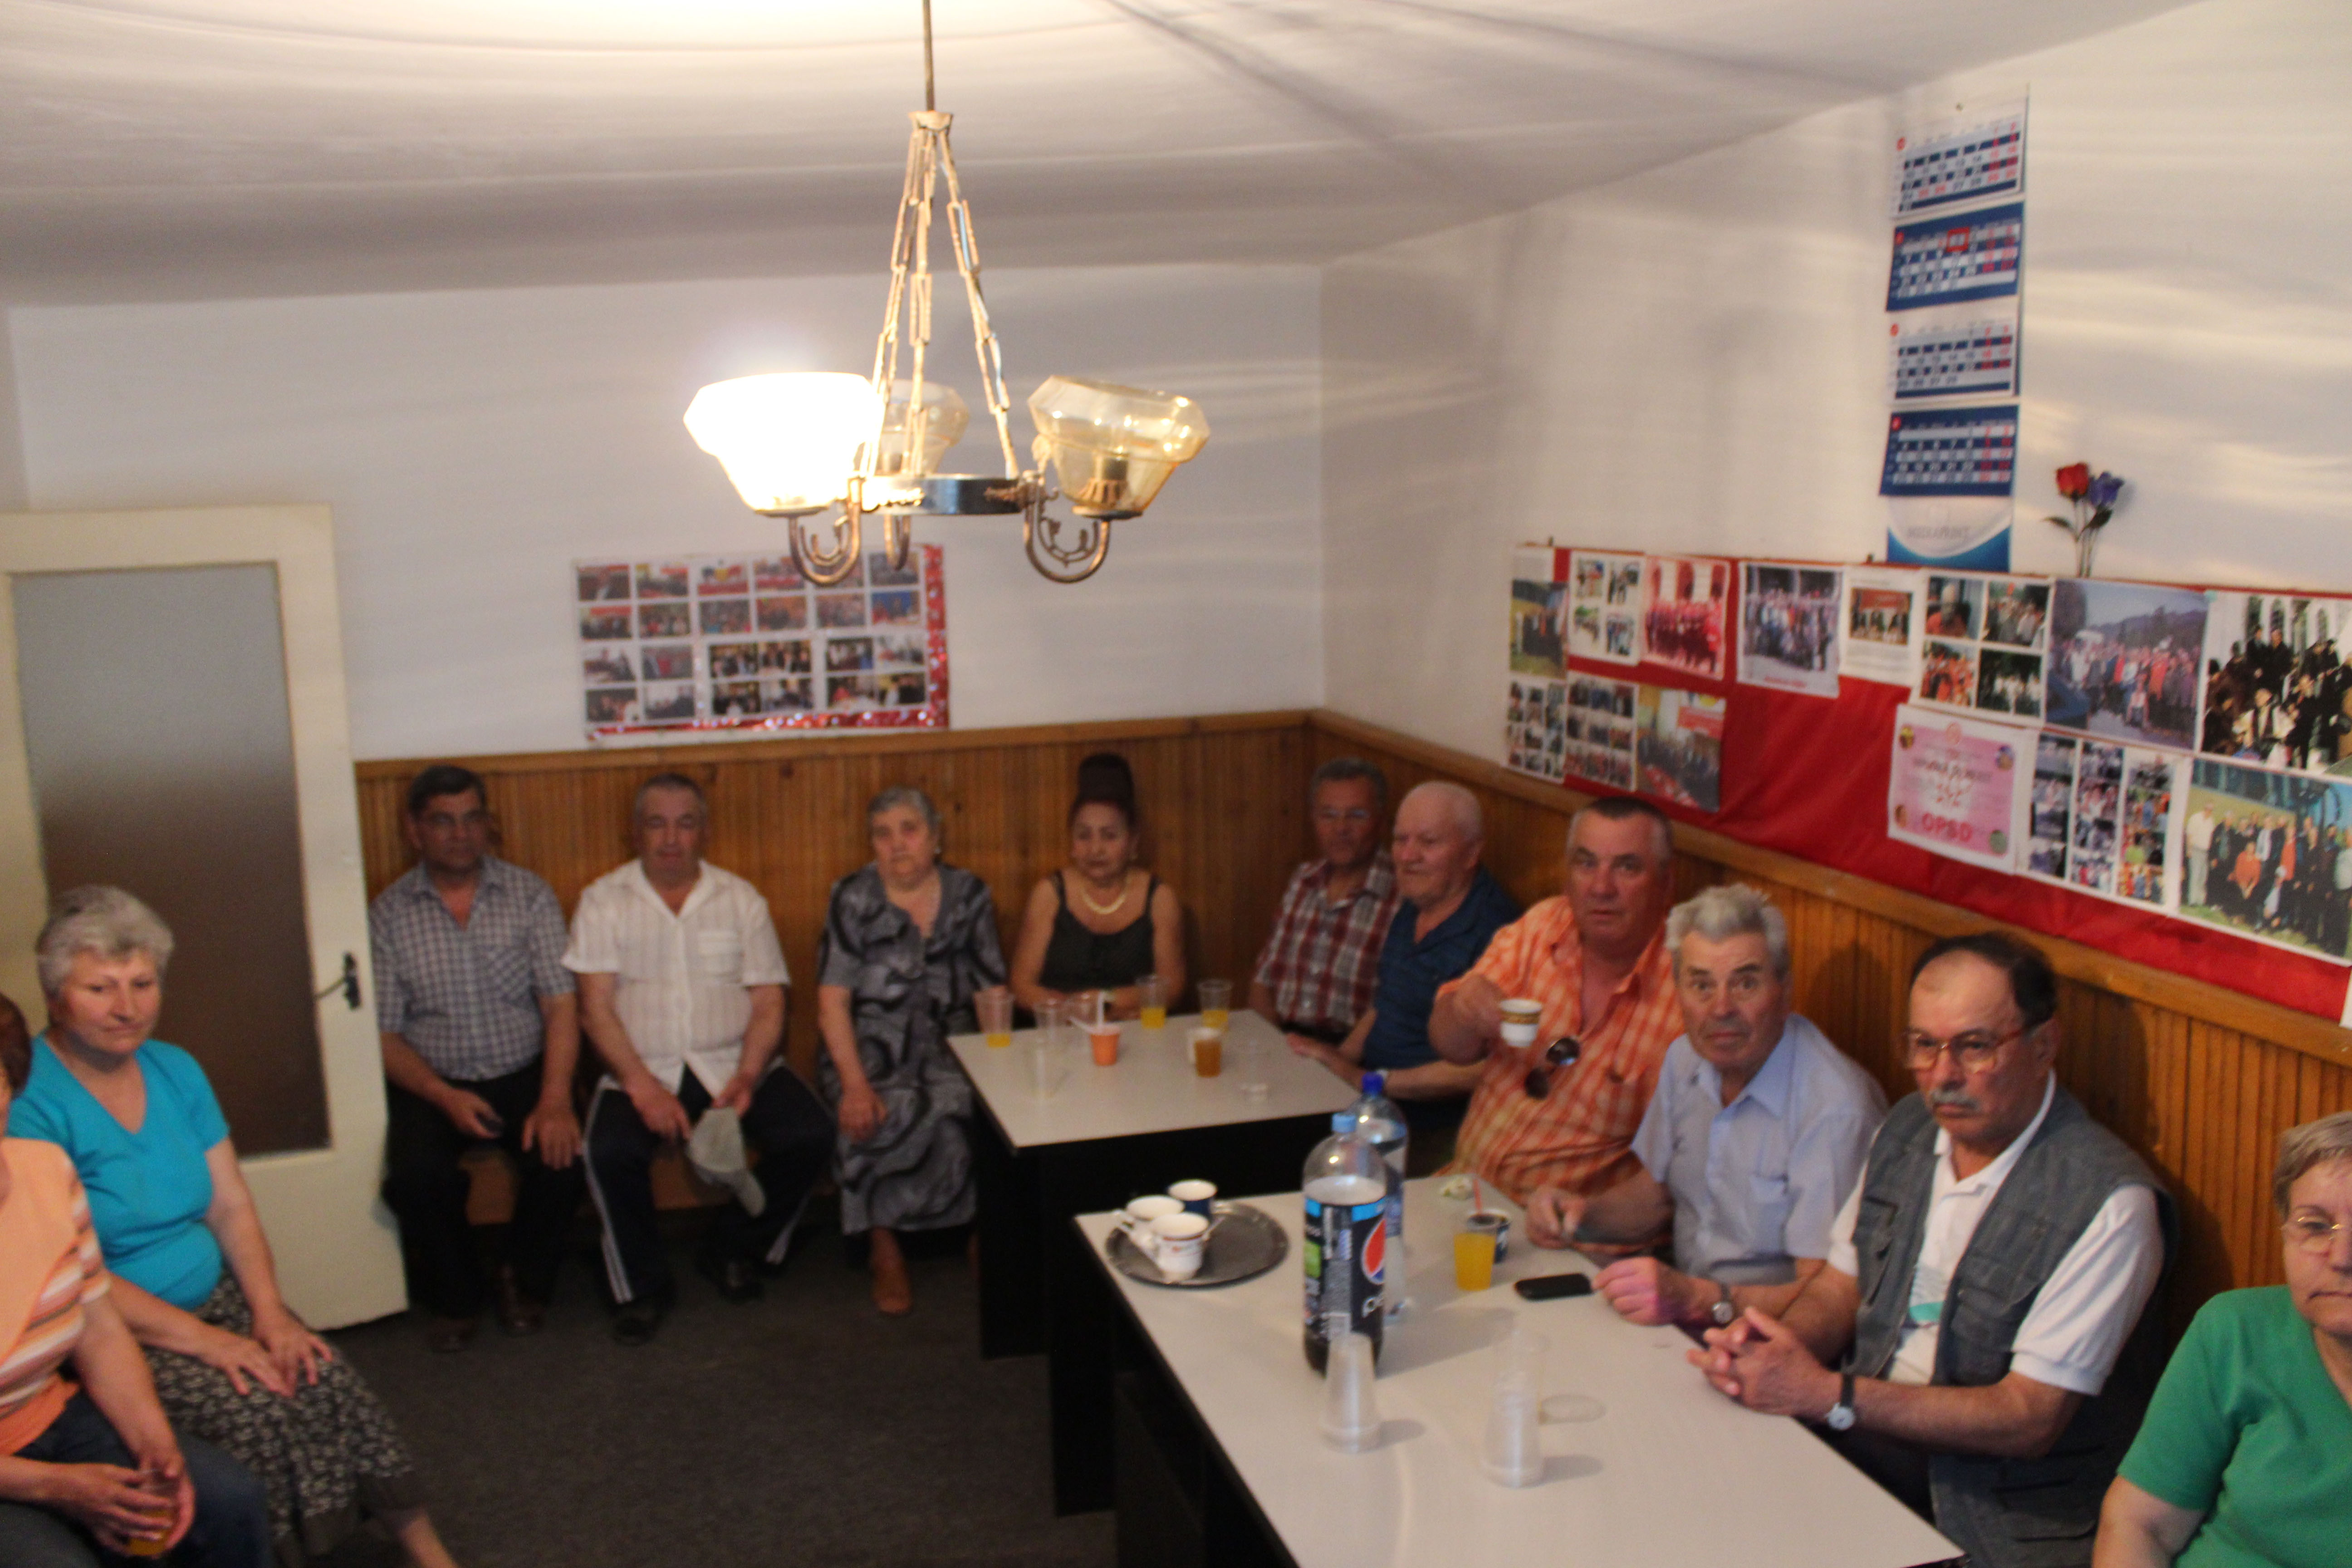 Deputatul Daniel Florea a oferit pachete de Paşte pensionarilor din Organizația Județeană PSD Călăraşi